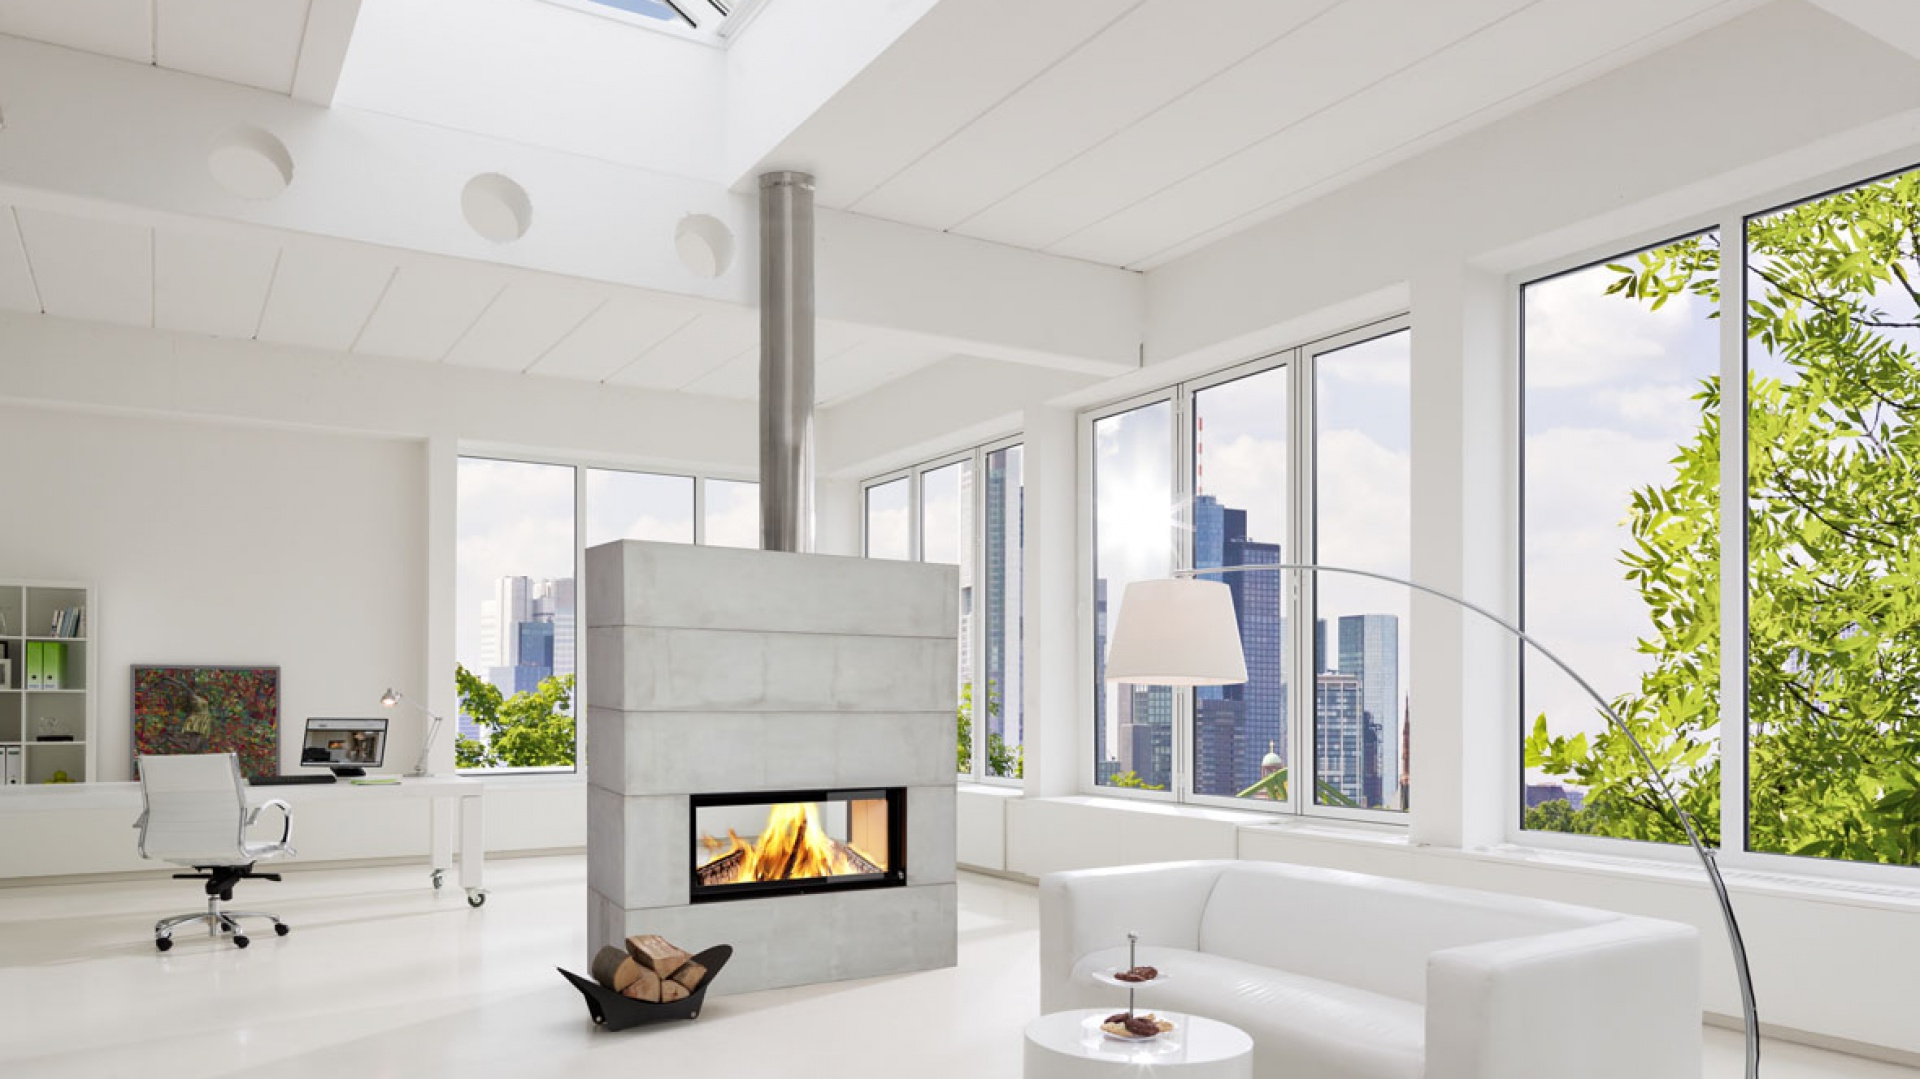 Kominek Skyloft marki Brunner z dwustronnym wkładem. W obudowie imitującej beton doskonale podkreśli nowoczesny charakter wnętrza. Fot. Brunner.